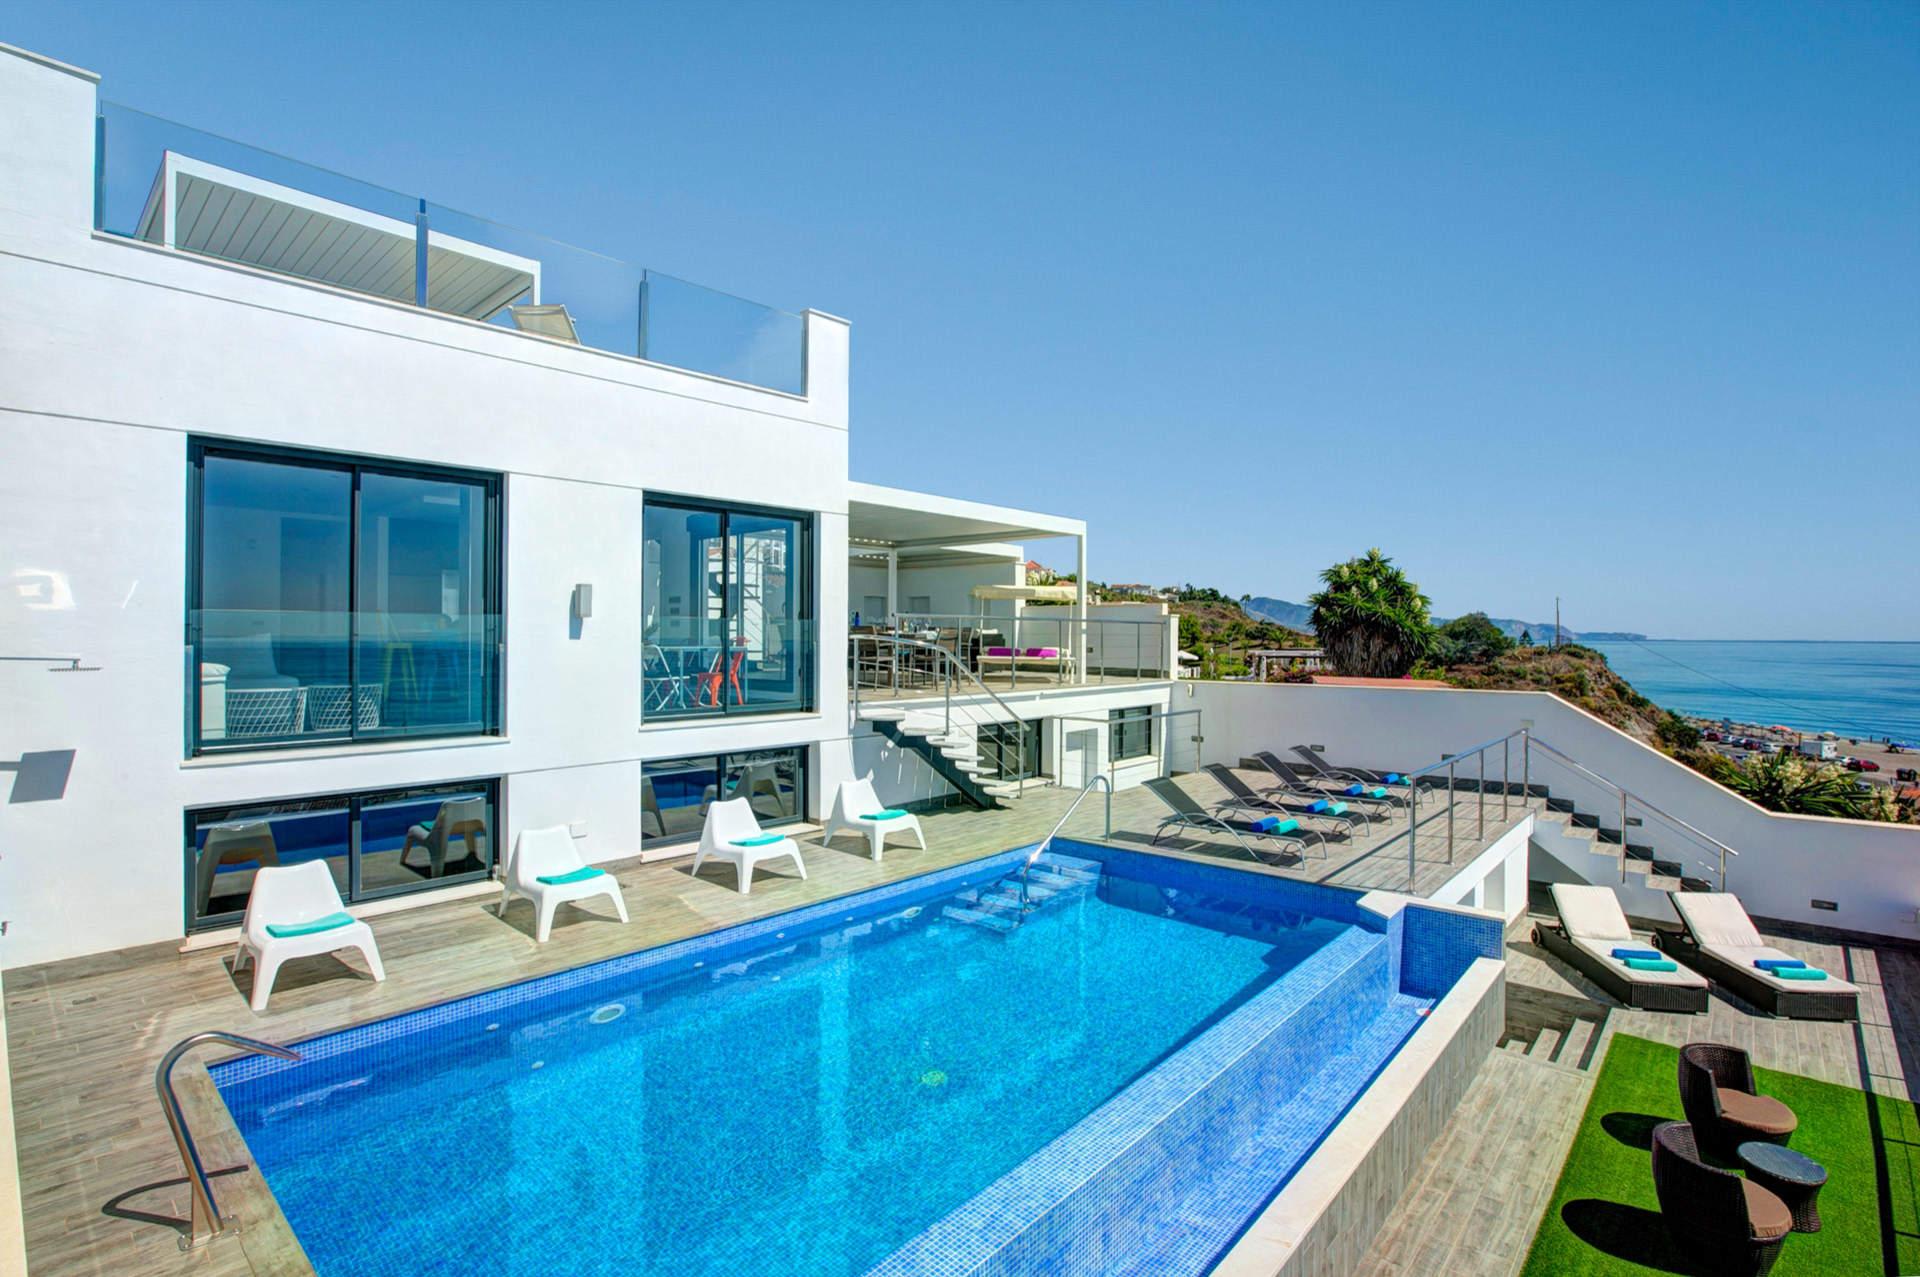 Villa Barco Sea View In Torrox Costa, Andalucia | Villa Plus